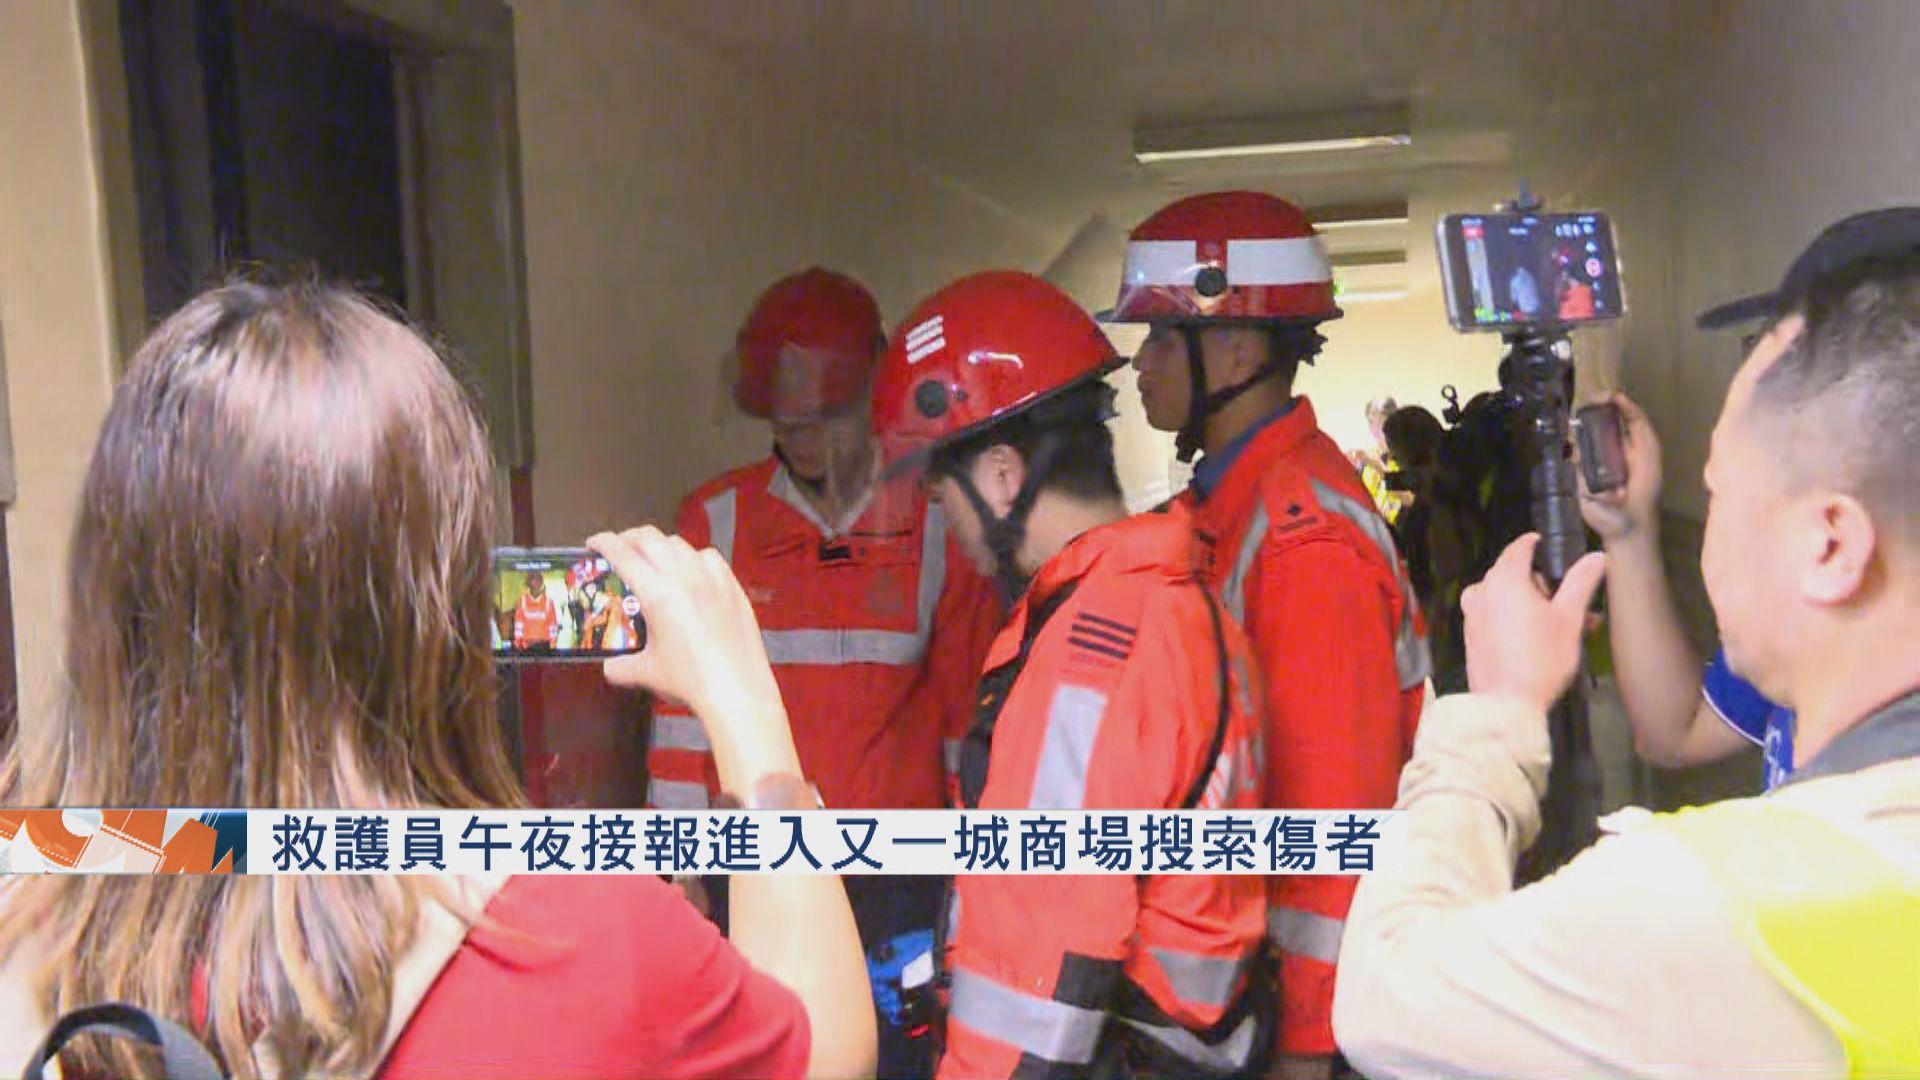 救護員午夜接報進入又一城商場搜索傷者